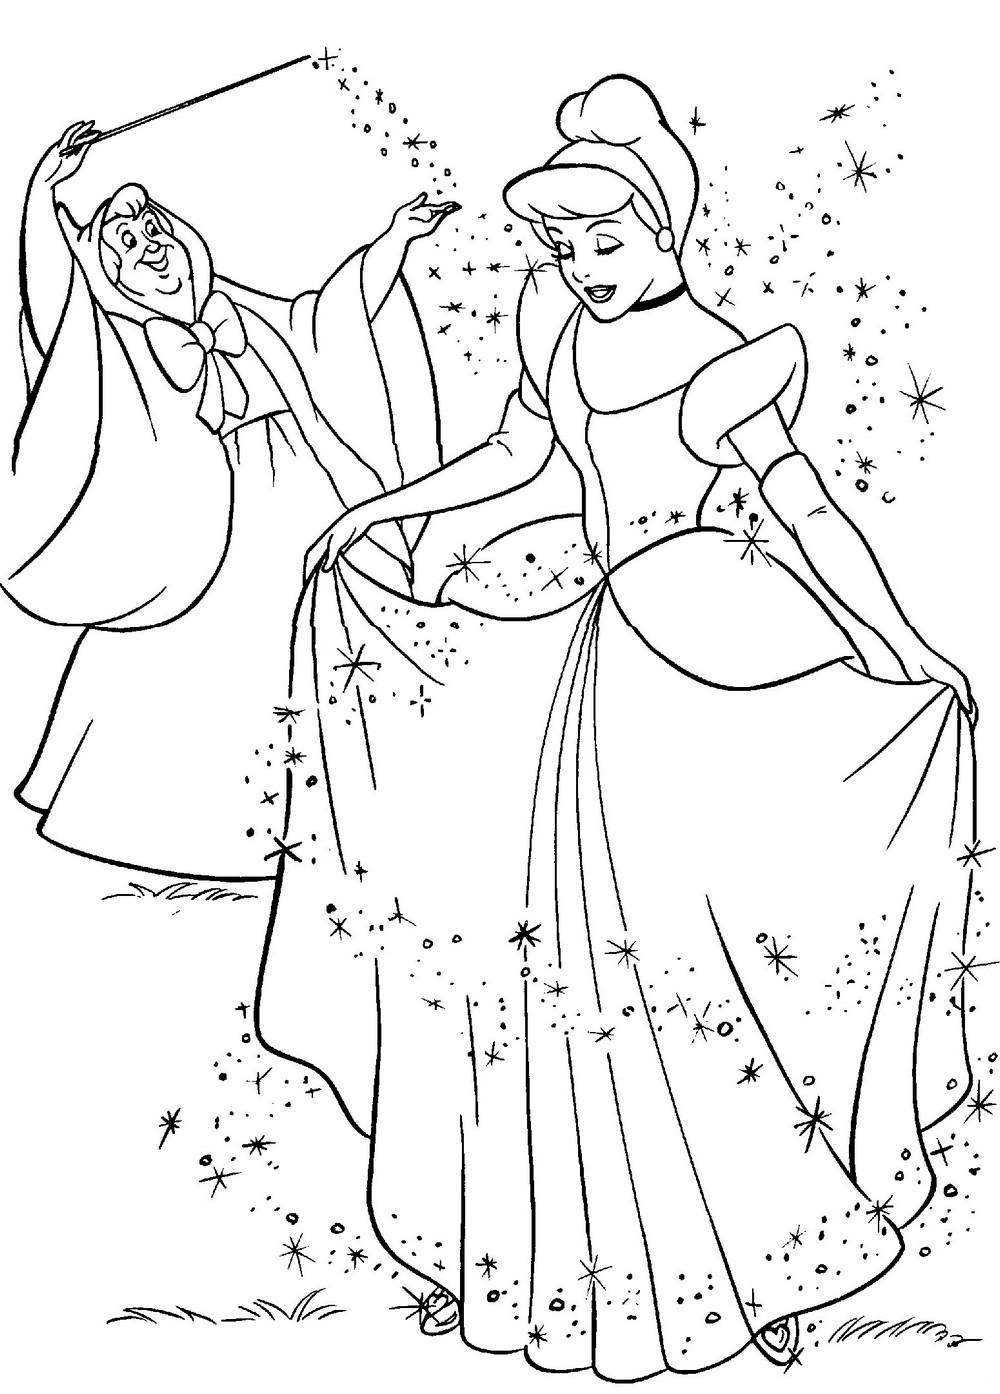 Раскраски она Фея готовит Золушку к балу, она одела ее в пышное платье